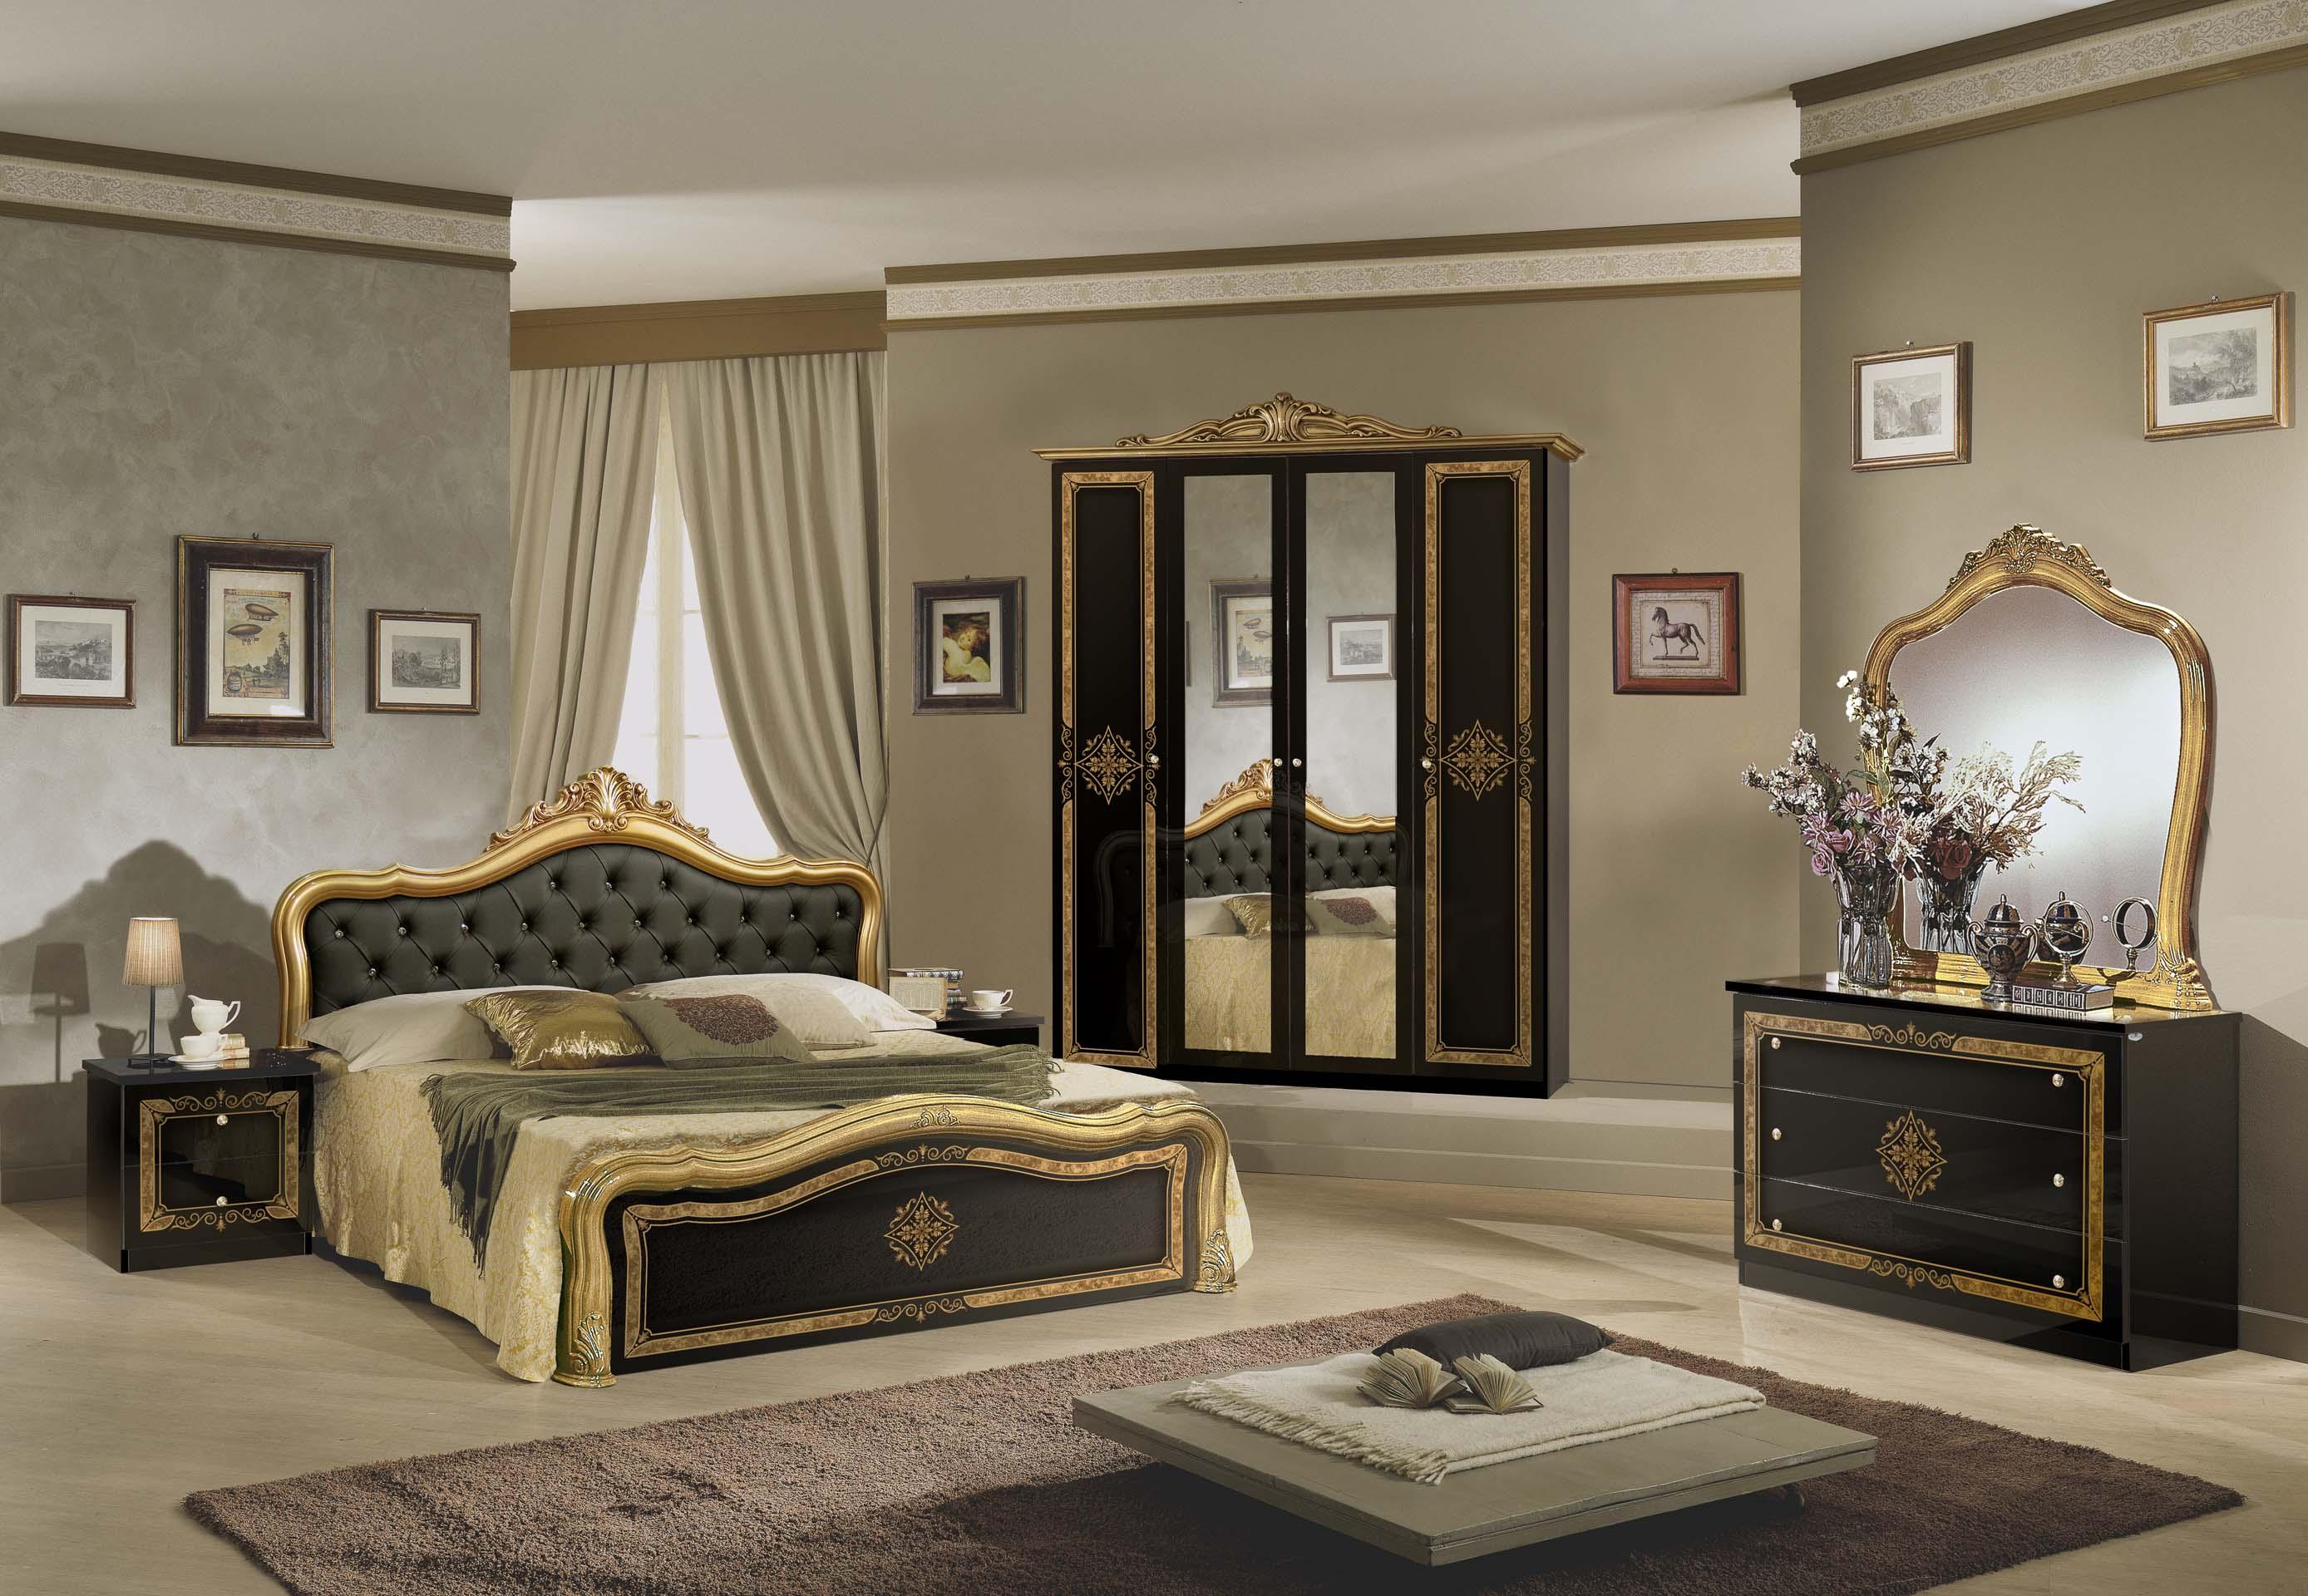 schlafzimmer lucy in walnuss klassisch braun designer italien m dh luisa nec rn 4a. Black Bedroom Furniture Sets. Home Design Ideas